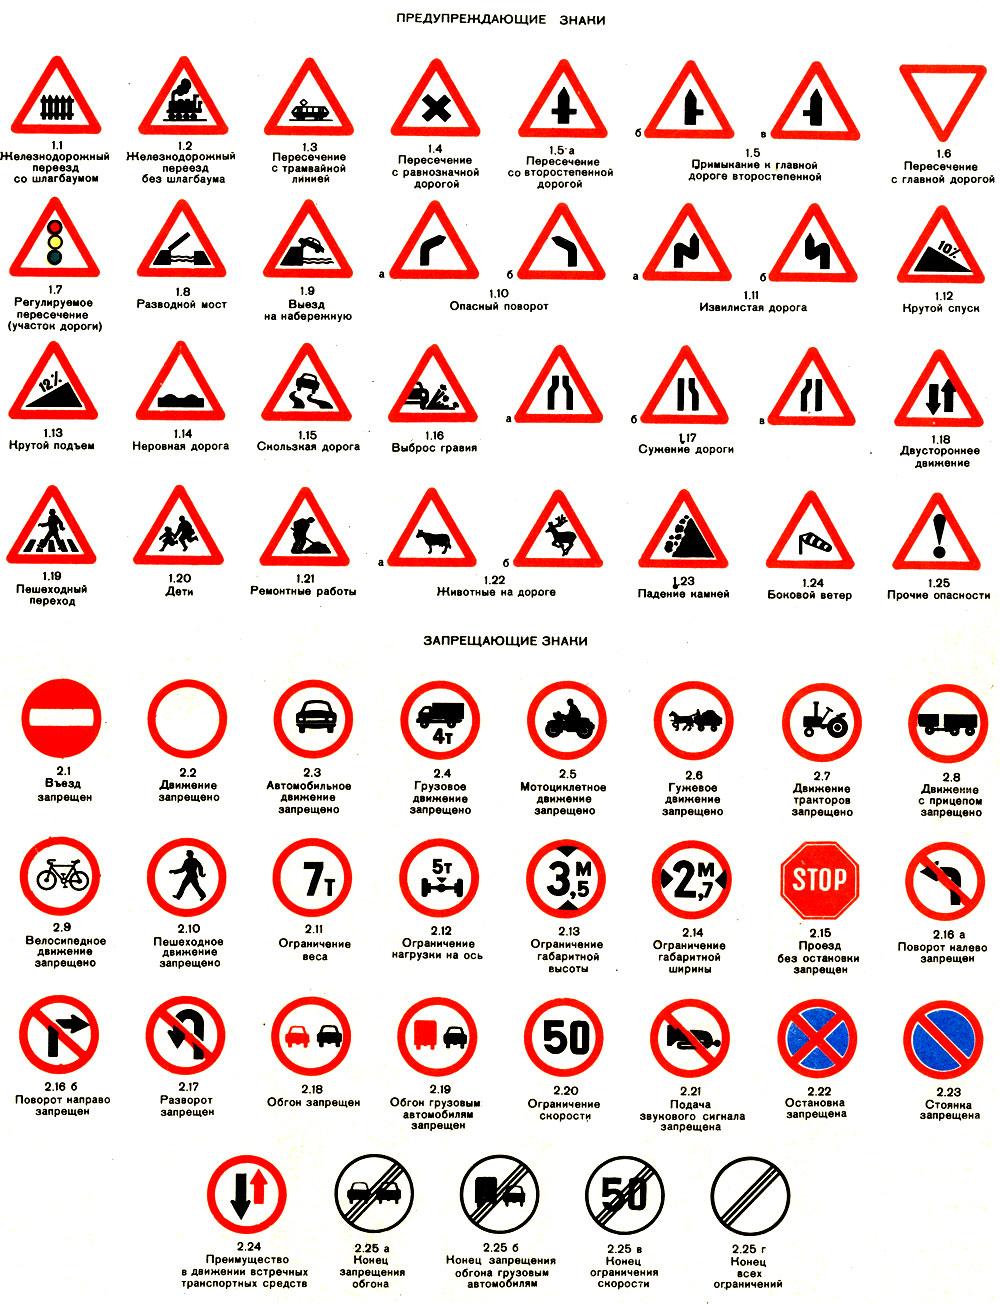 зеленое полотнище, знаки дорожного движения фото с описанием вот там стабильность